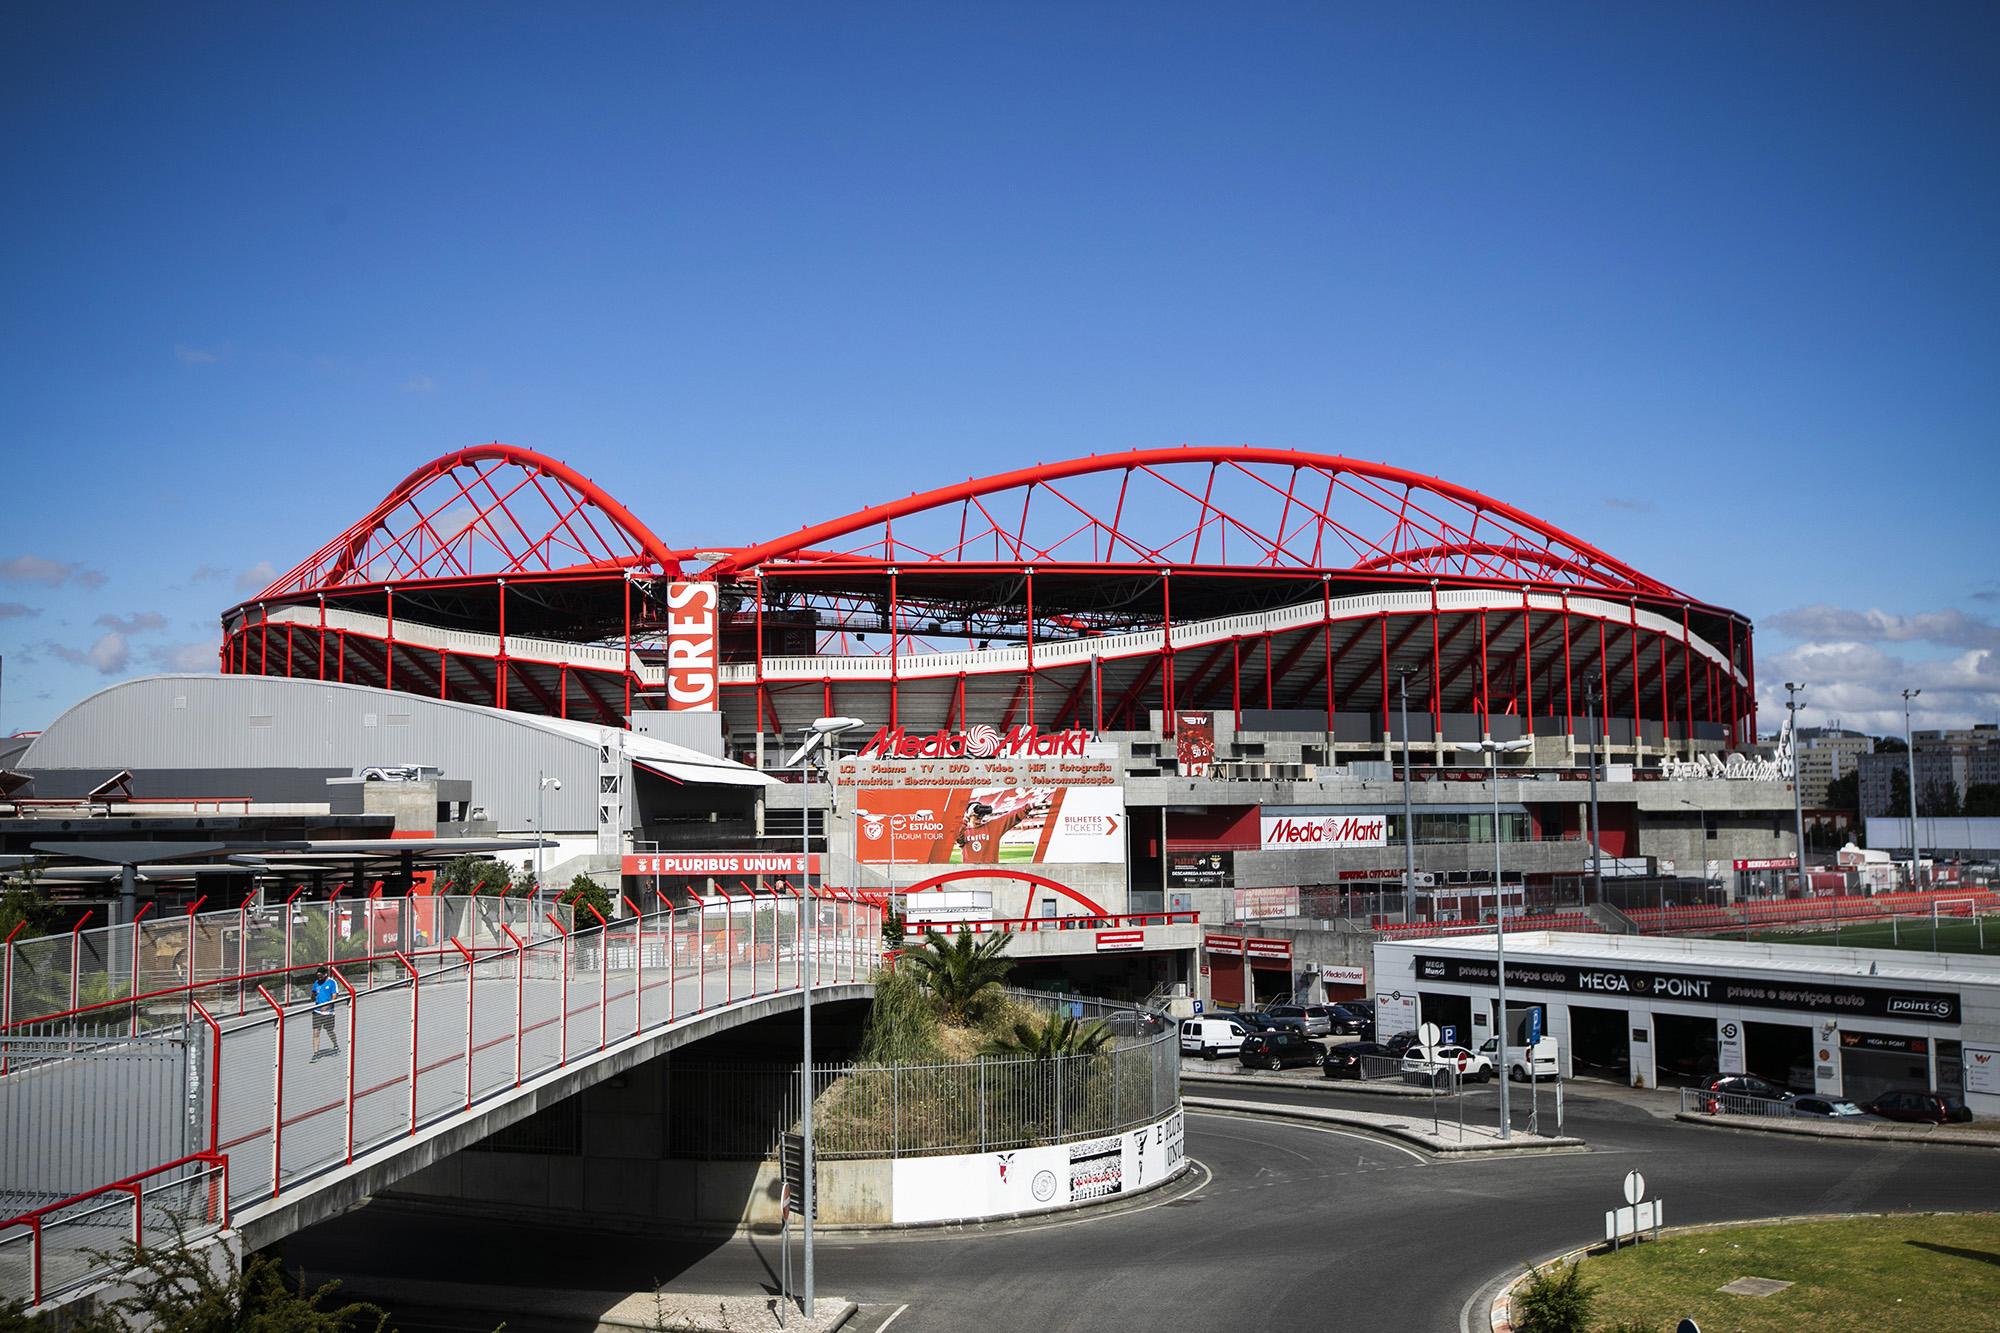 Estádio da Luz - 18JUN20